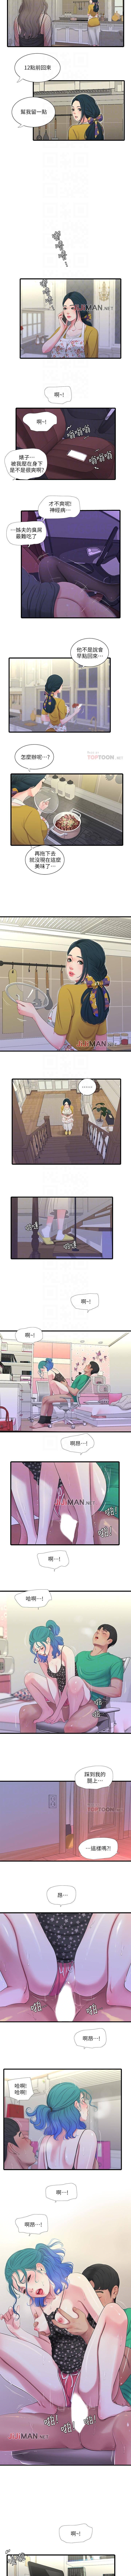 【周四连载】亲家四姐妹(作者:愛摸) 第1~27话 134